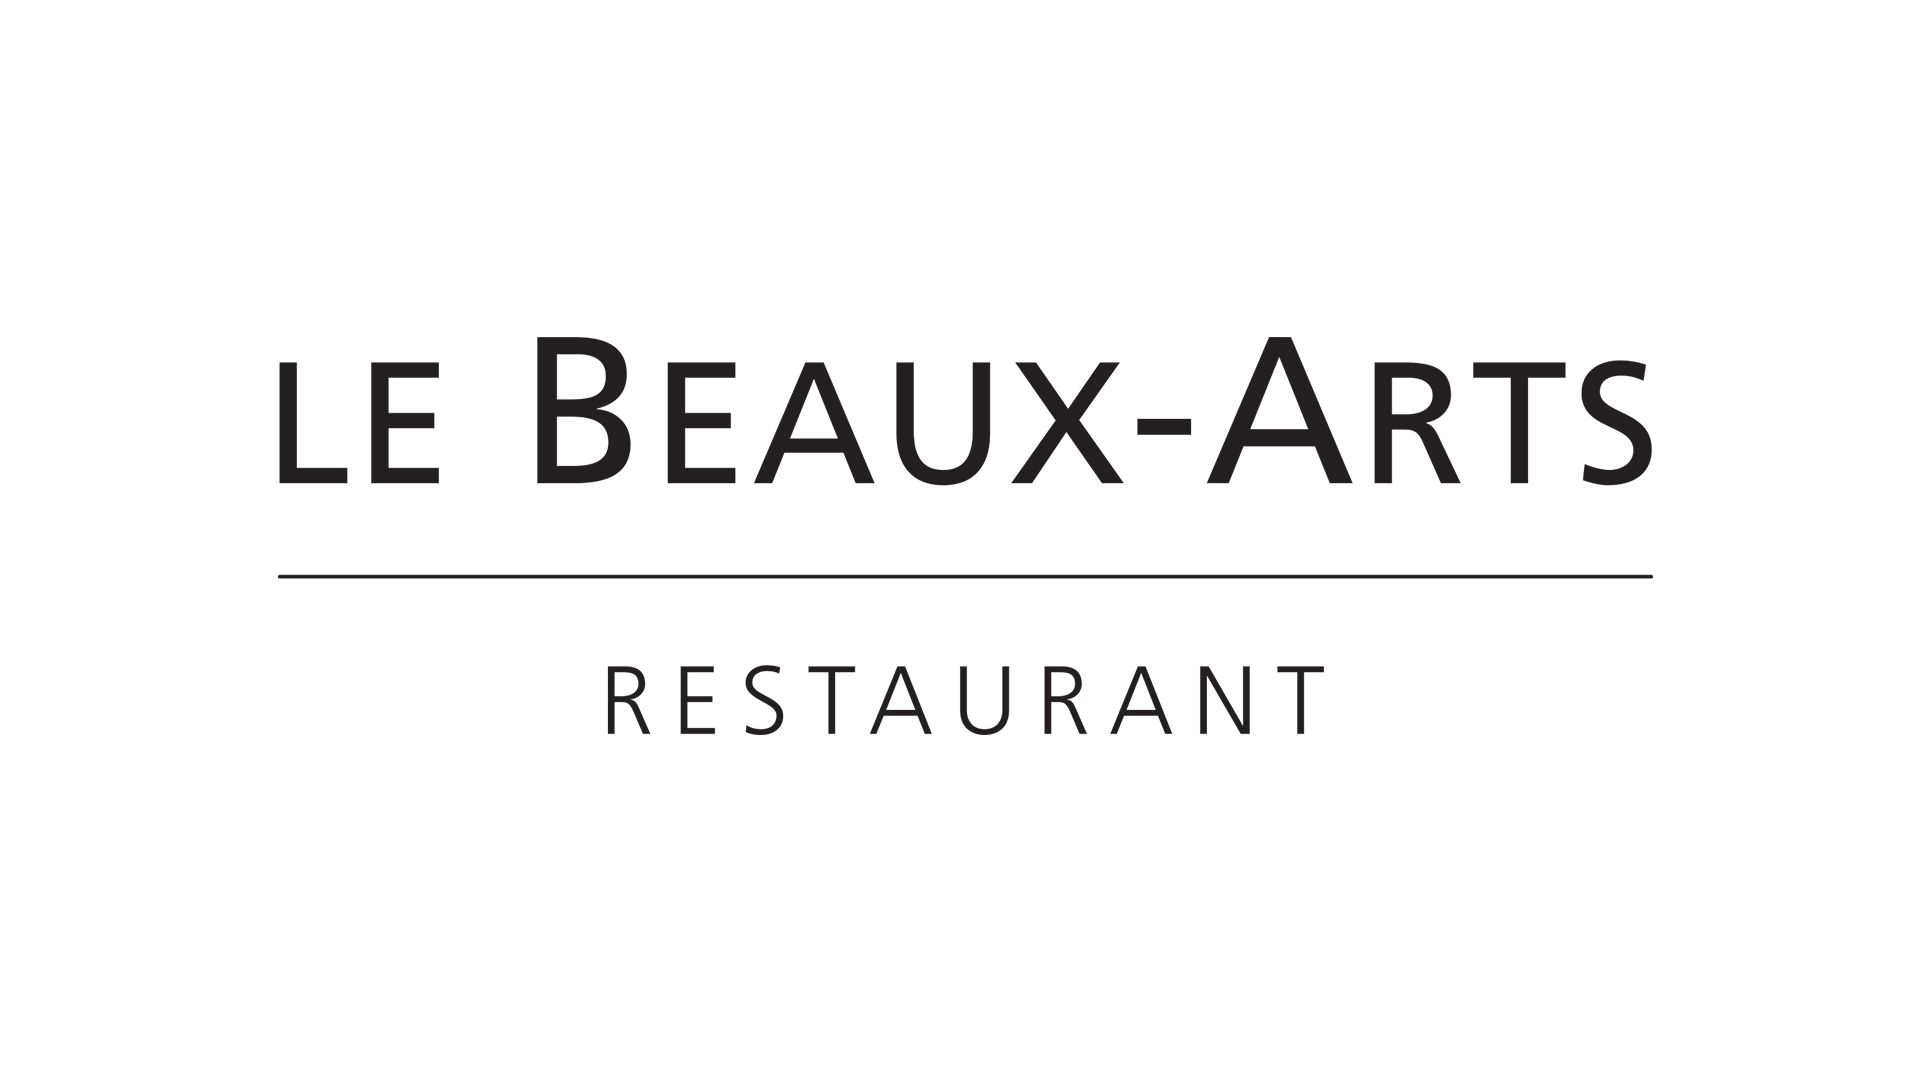 The Beaux-Arts Restaurant